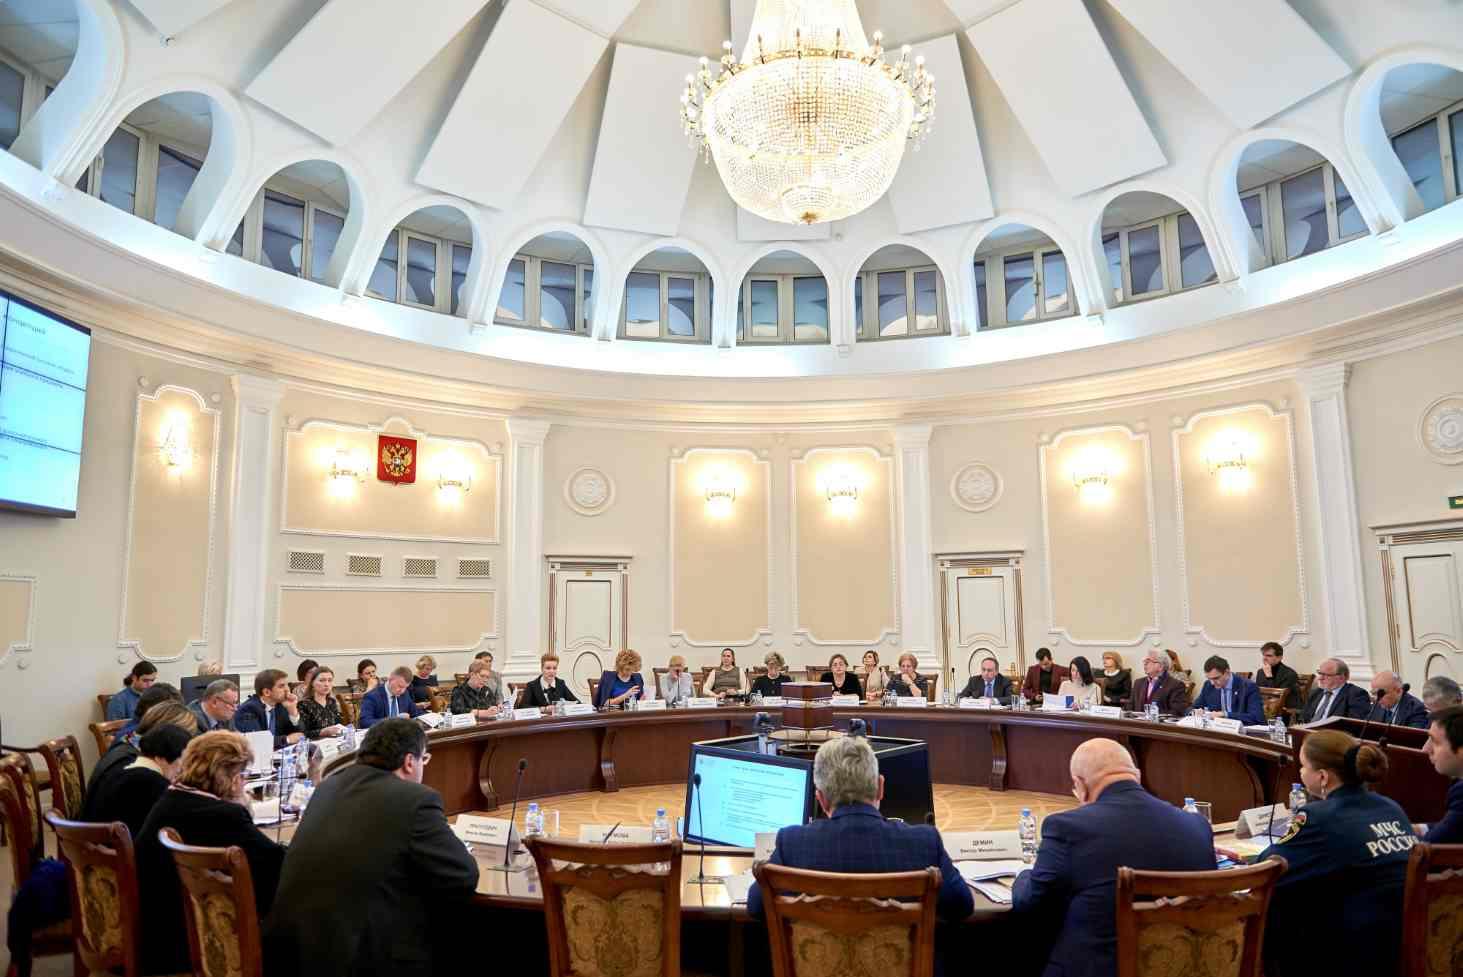 v-ministerstve-prosveshheniya-utverdili-shest-novyh-kontseptsij-uchebnyh-predmetov